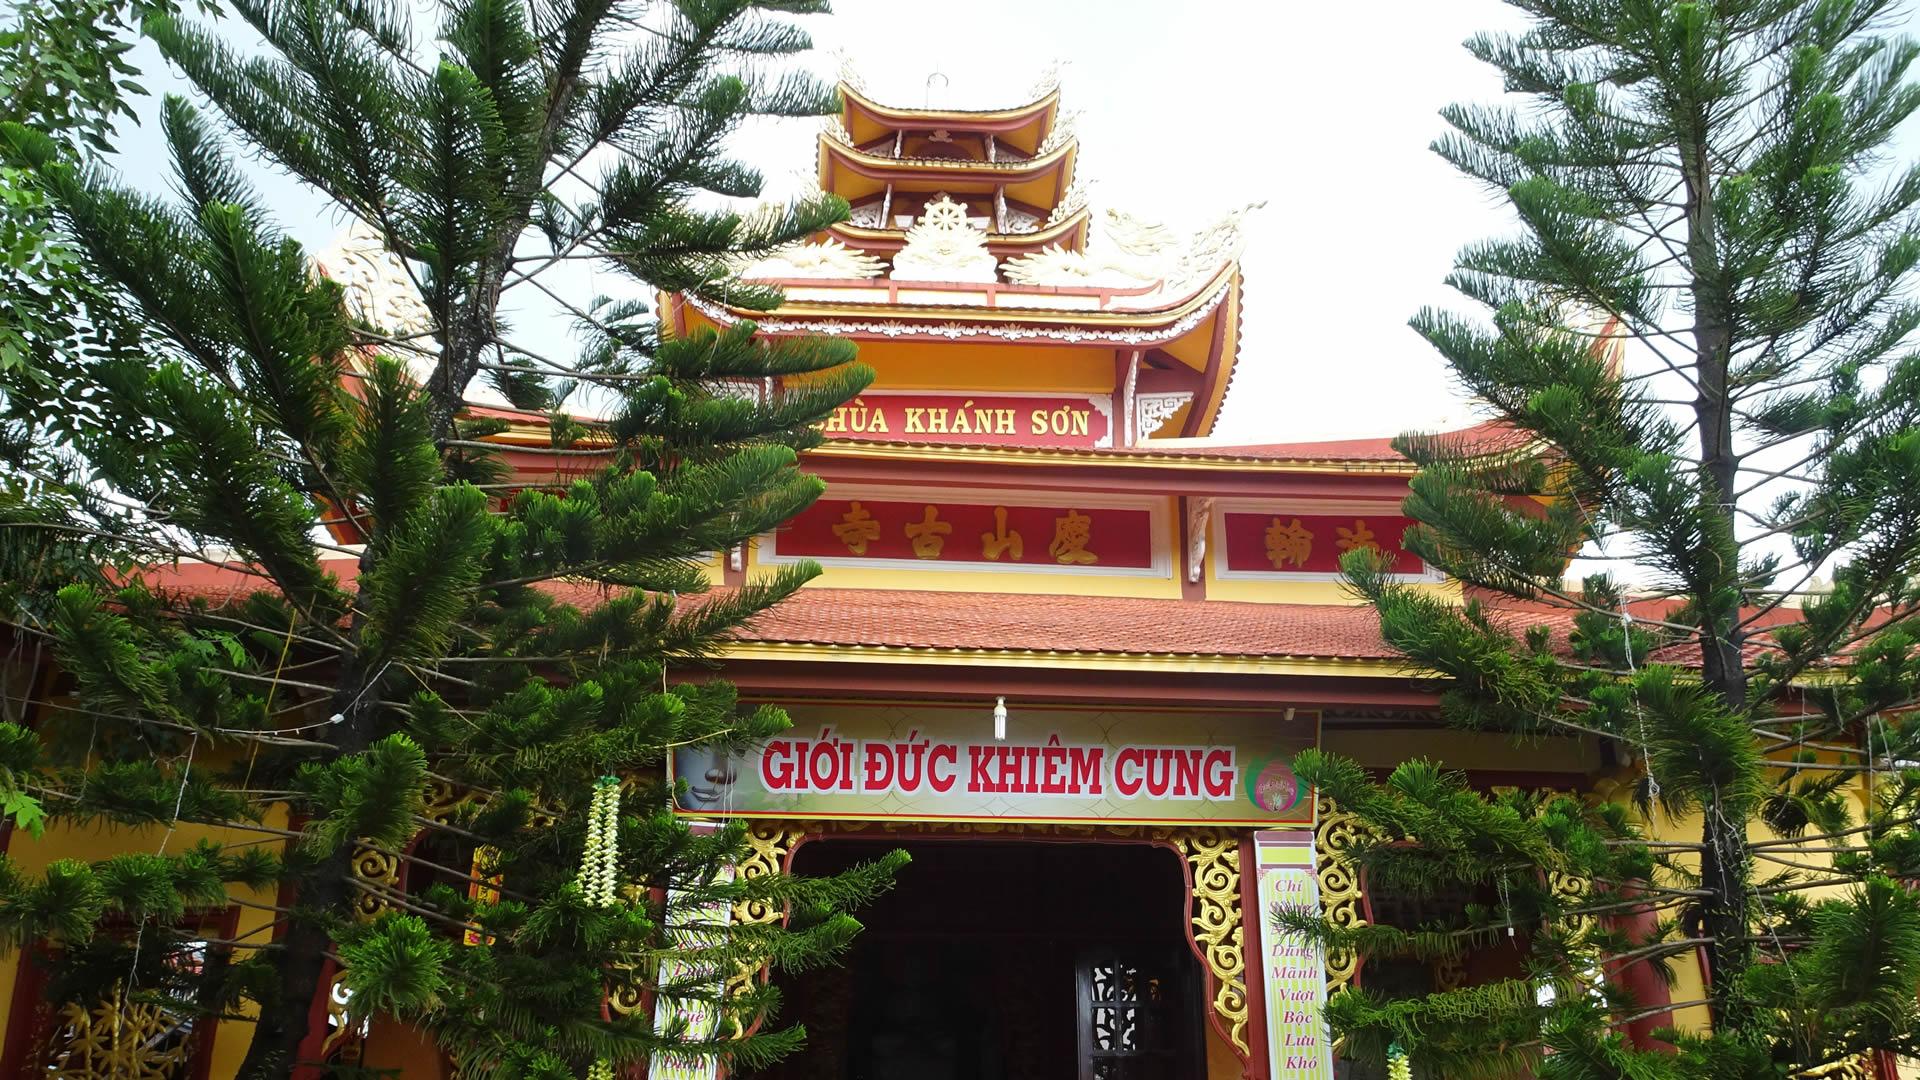 Chua Khanh Son 1